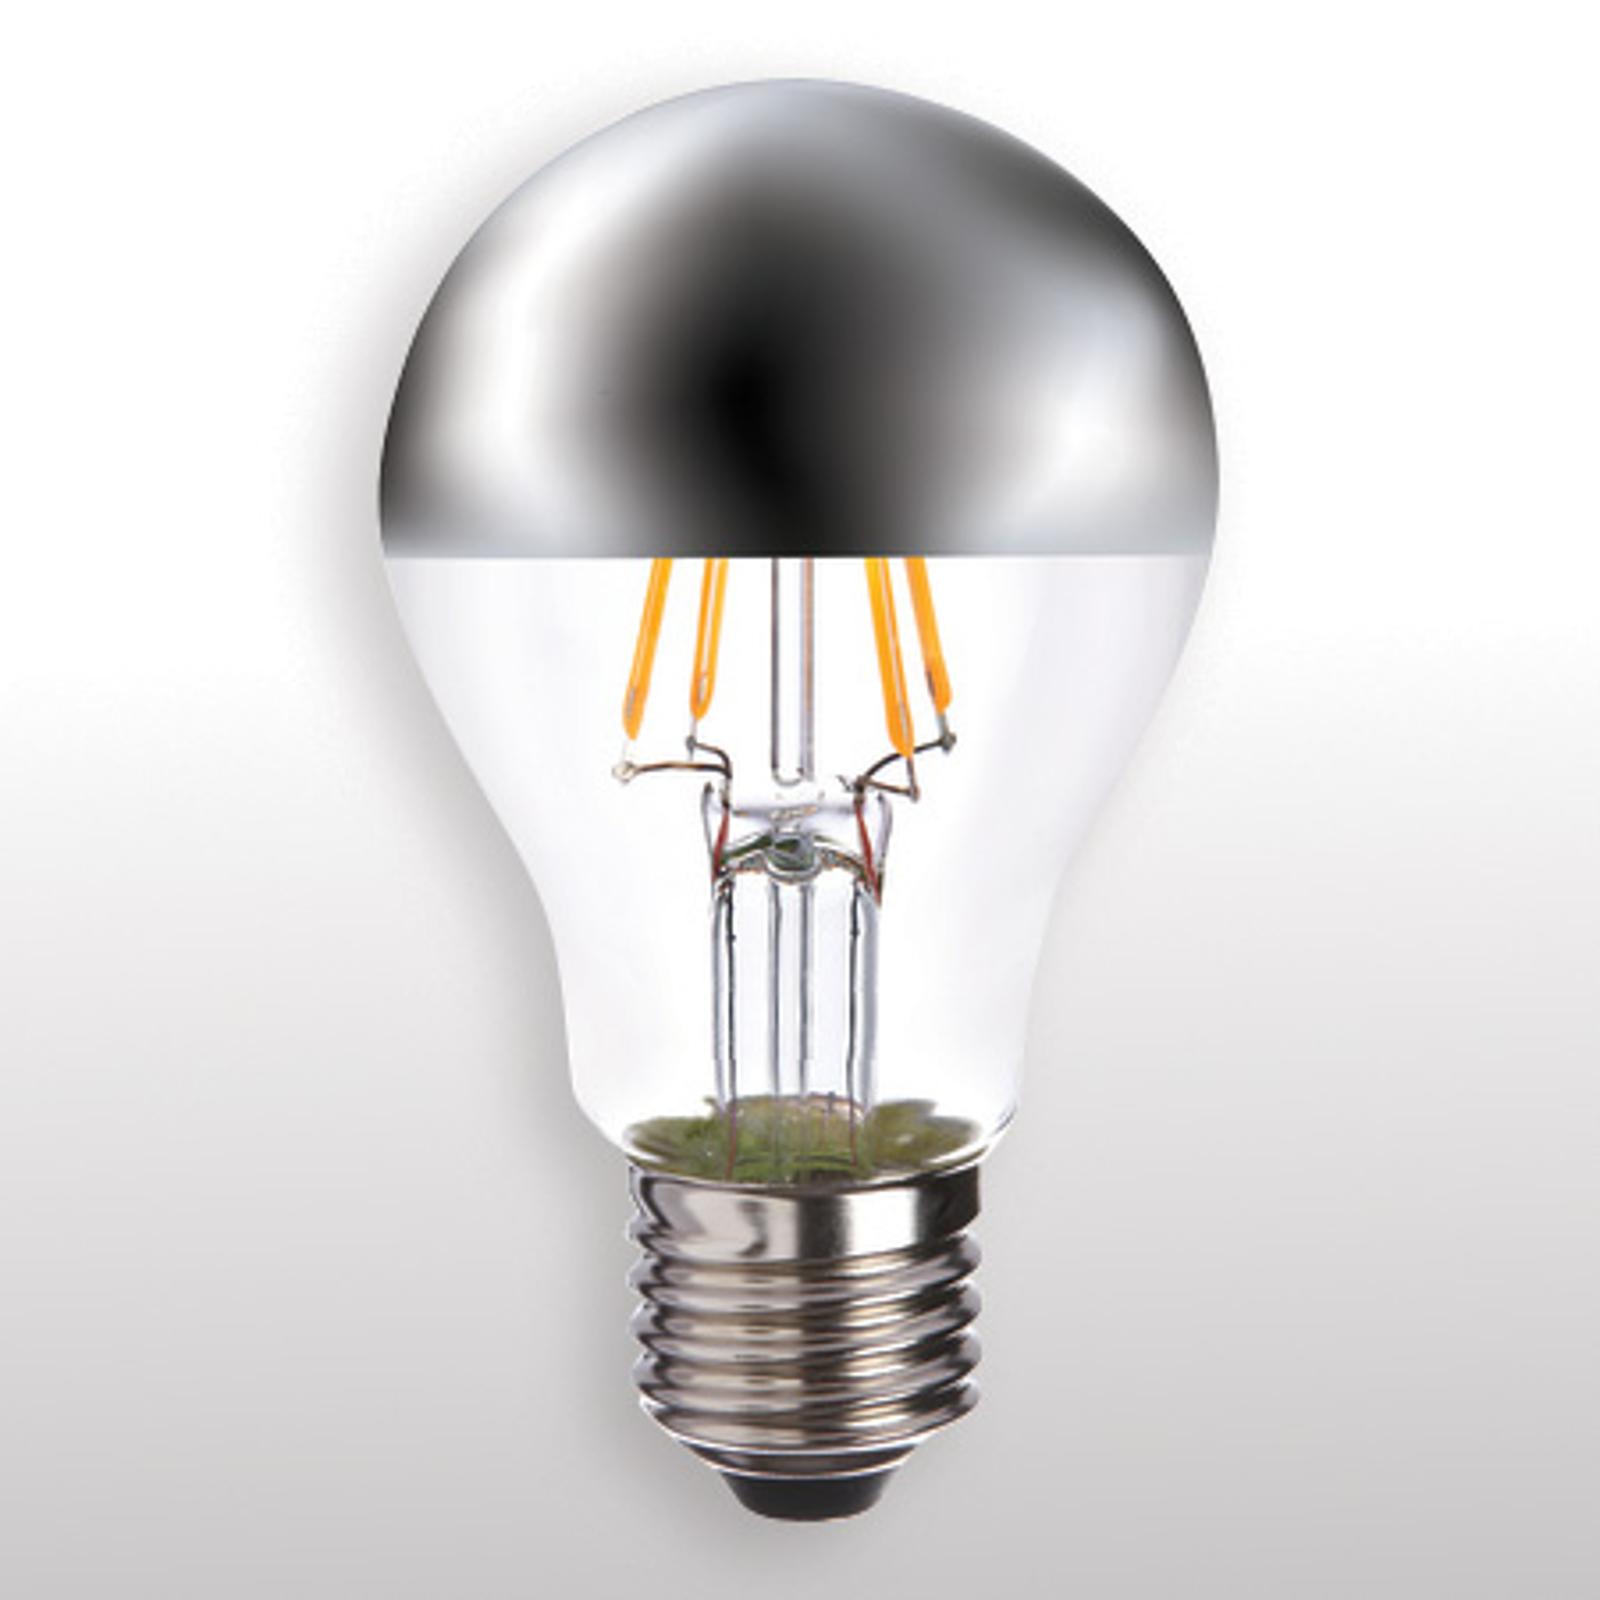 LED-Lampe E27 4,5W 827 Spiegelkopf